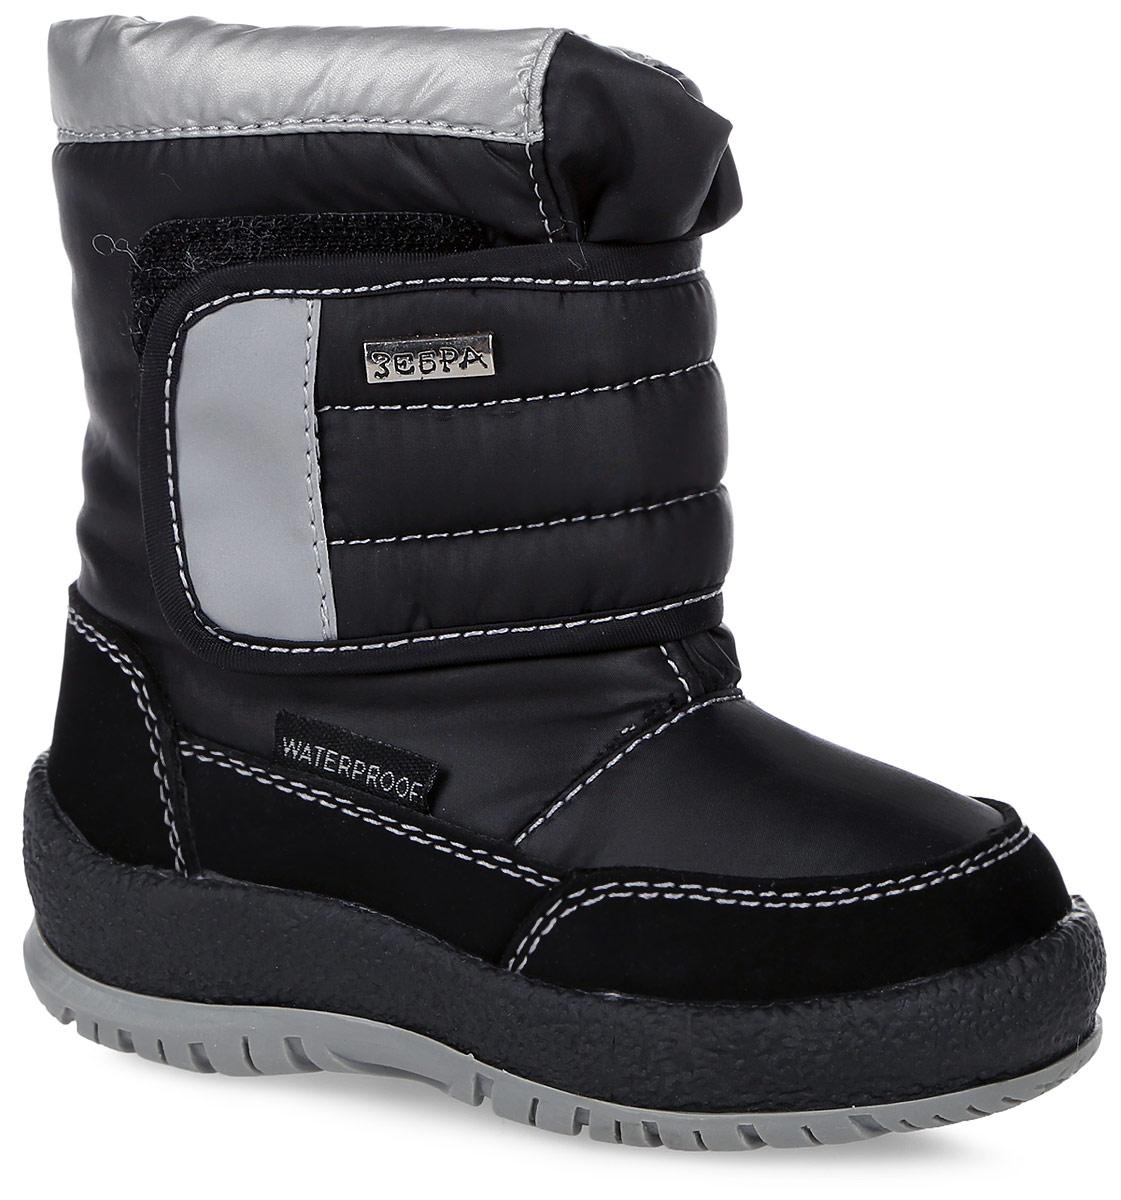 Полусапоги детские Зебра, цвет: черный. 11011-1. Размер 2711011-1Полусапоги от Зебра выполнены из искусственной кожи и текстиля. Застежка-липучка надежно фиксируют модель на ноге. Мягкая подкладка и стелька из шерсти обеспечивают тепло, циркуляцию воздуха и сохраняют комфортный микроклимат в обуви. Подошва оснащена рифлением.